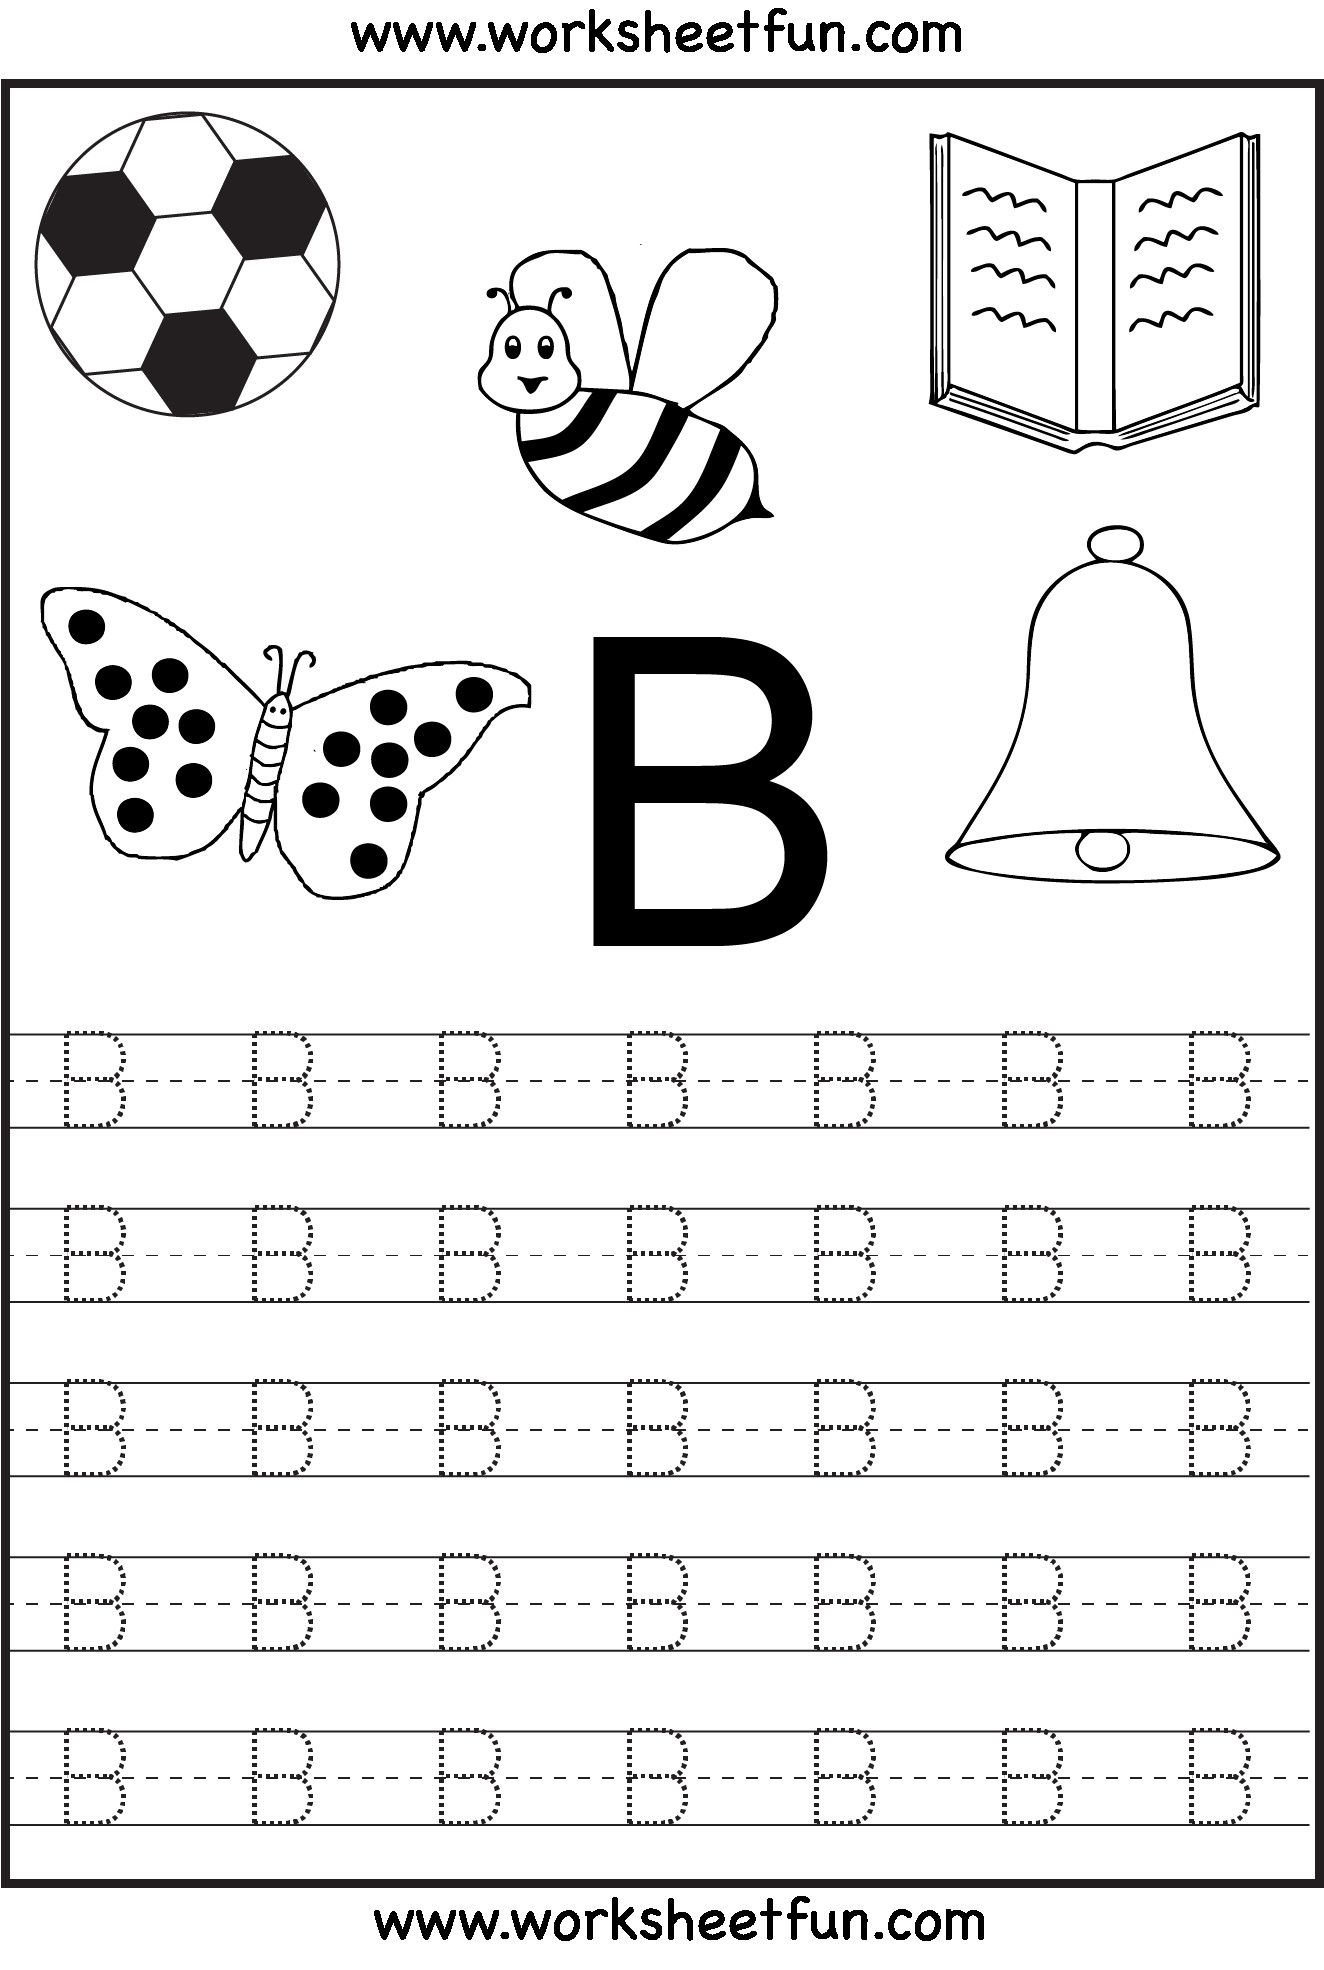 2 Number 26 Worksheet For Preschool Free Printable Letter Tracing Worksheet In 2020 Alphabet Worksheets Preschool Alphabet Tracing Worksheets Letter Tracing Worksheets